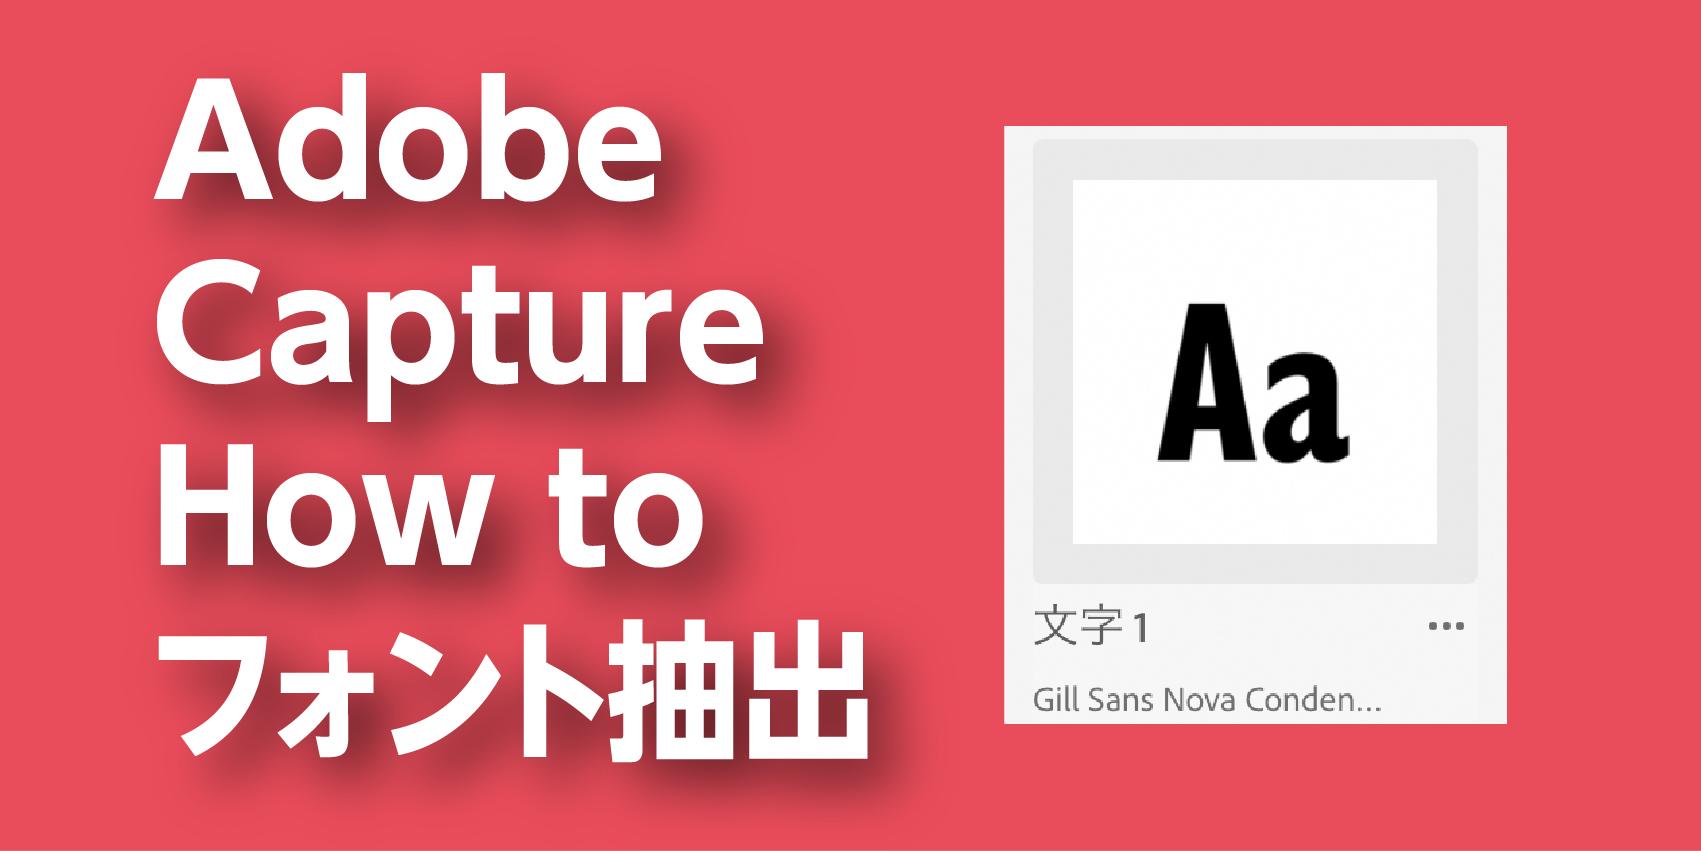 超絶便利【Adobe capture】1.  フォントの検索 How to